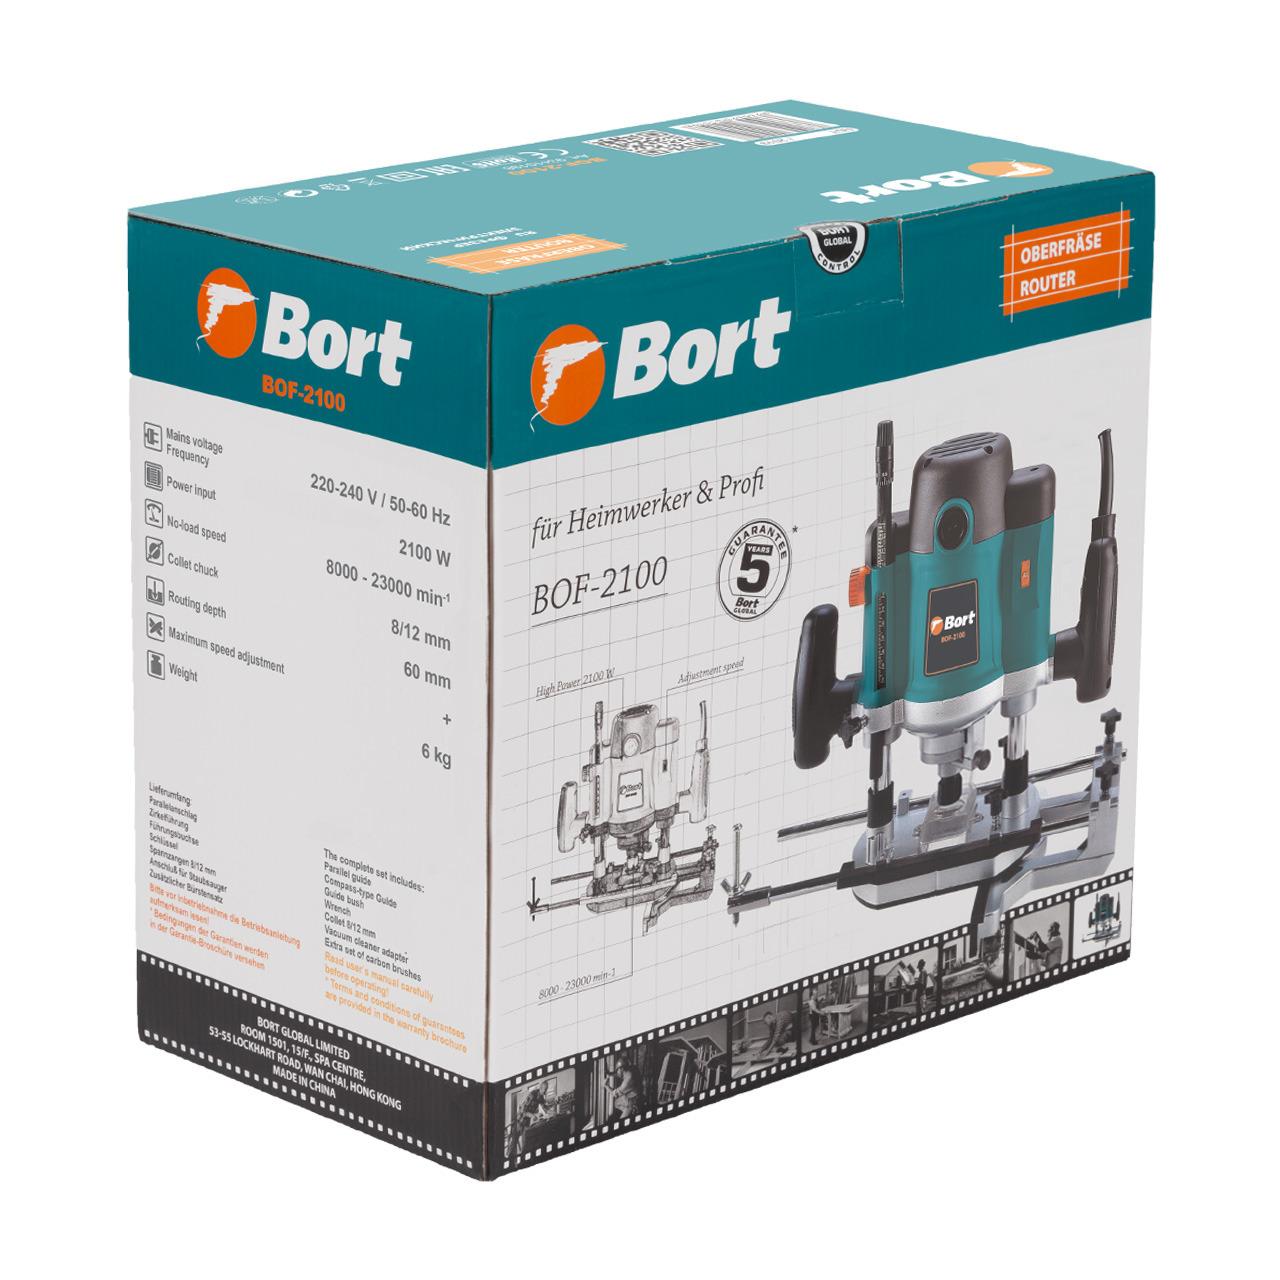 цена на Фрезер электрический Bort BOF-2100